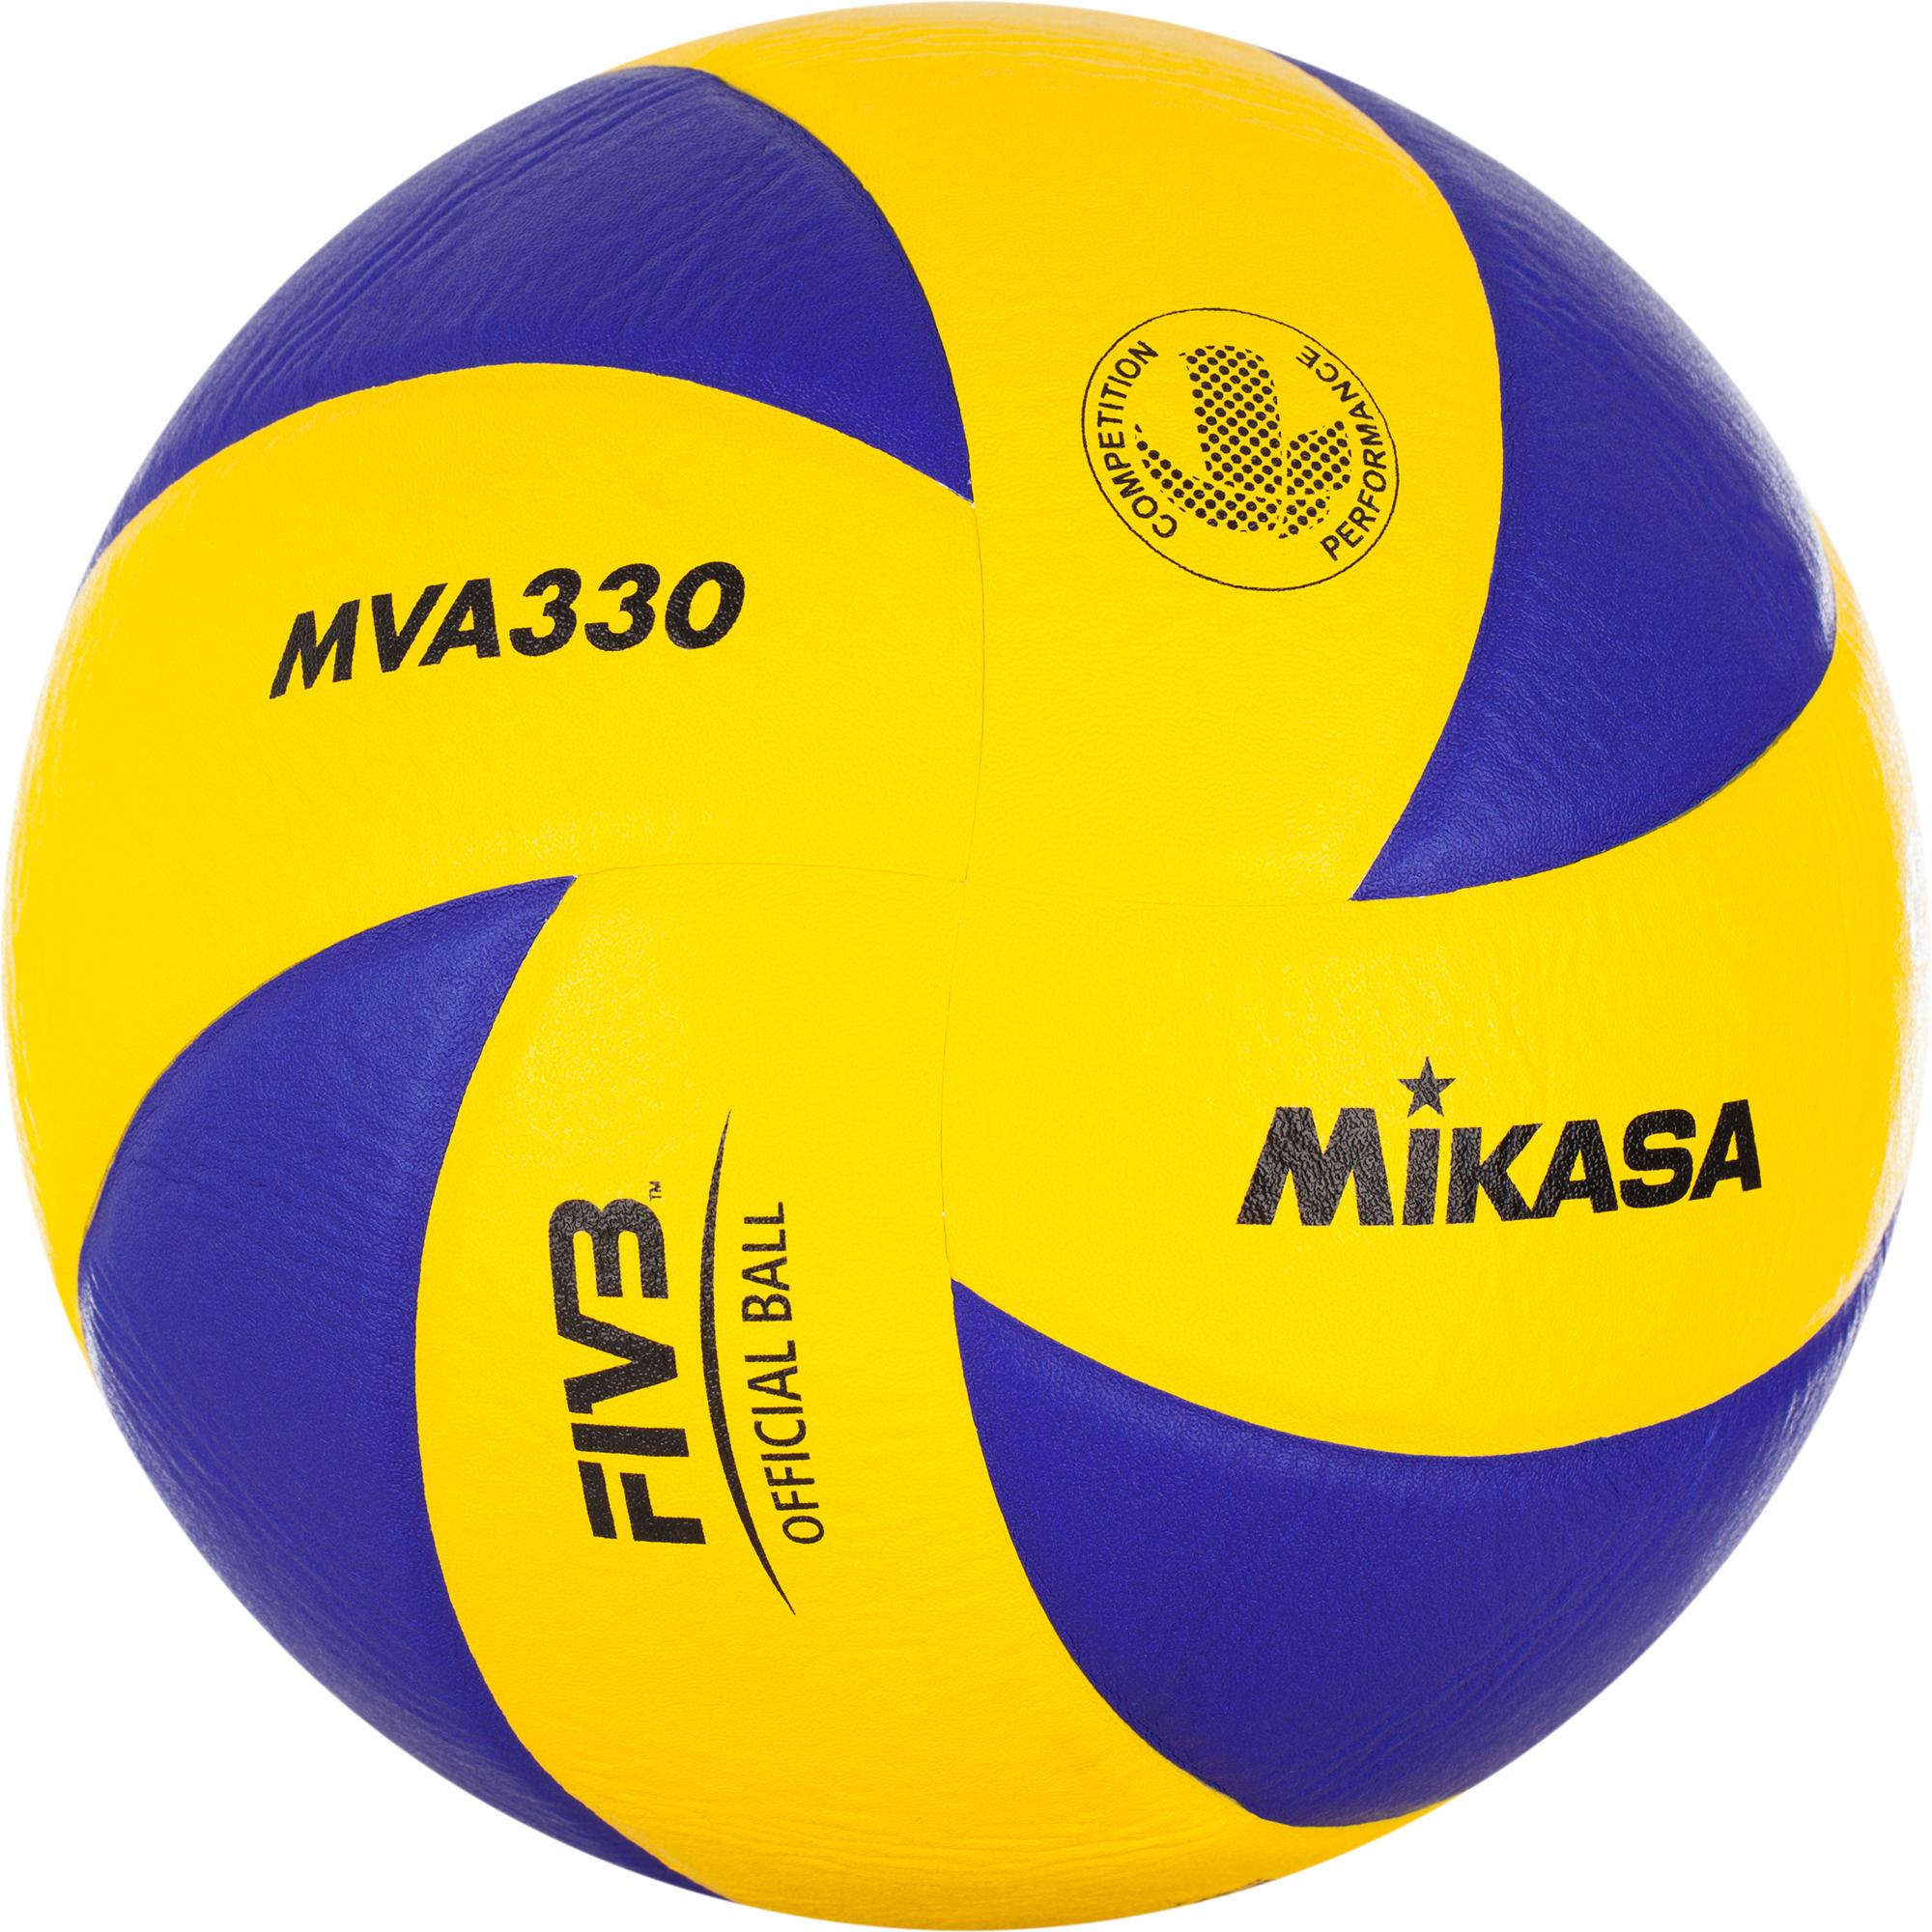 Mikasa Мяч волейбольный MIKASA, размер 5 цена